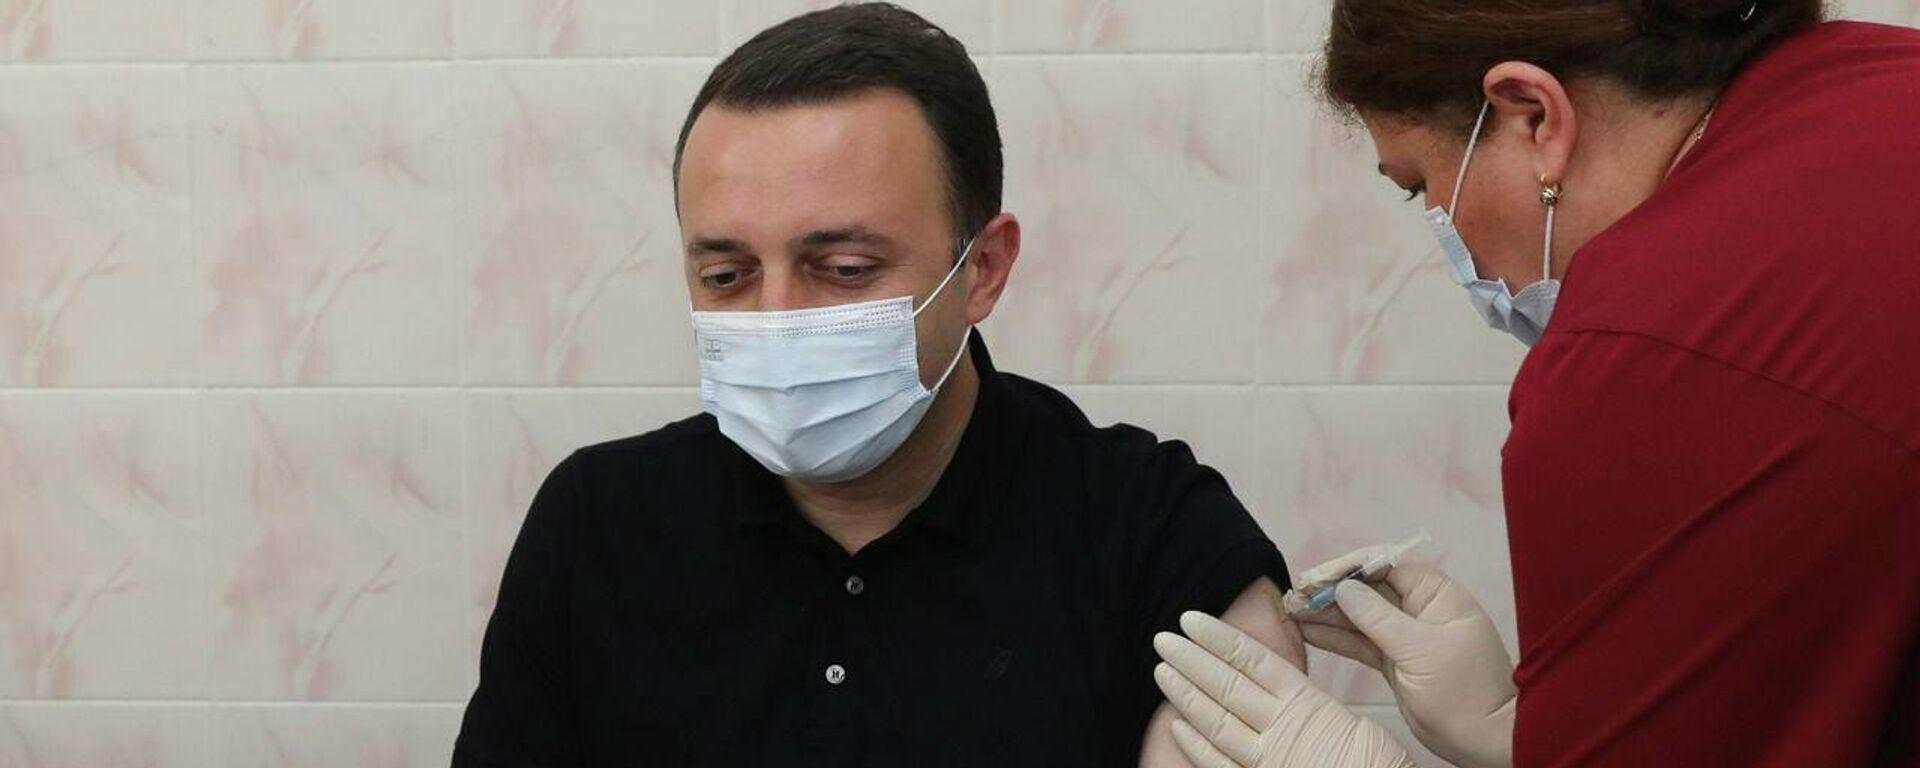 Ираклий Гарибашвили проходит вакцинацию препаратом Pfizer - Sputnik Грузия, 1920, 16.09.2021